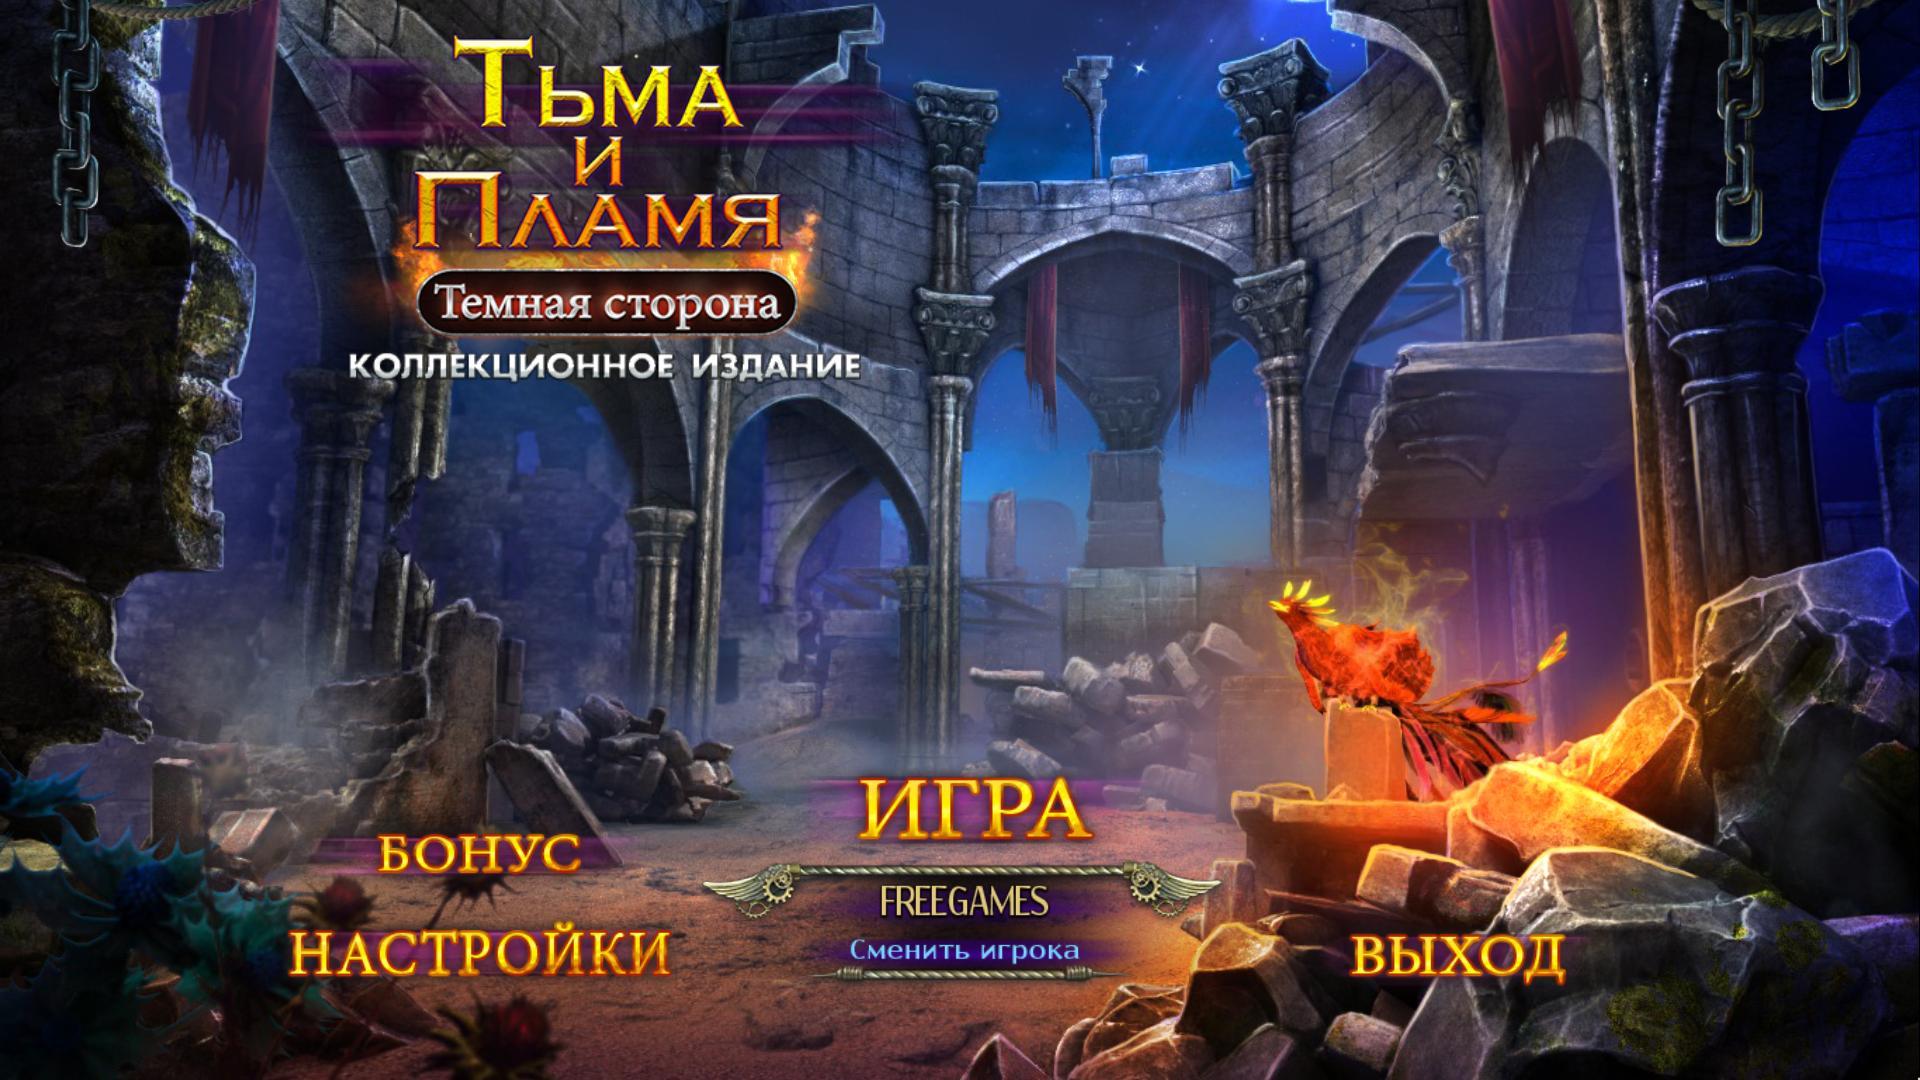 Тьма и пламя 3: Темная сторона. Коллекционное издание | Darkness And Flame 3: The Dark Side CE (Rus)